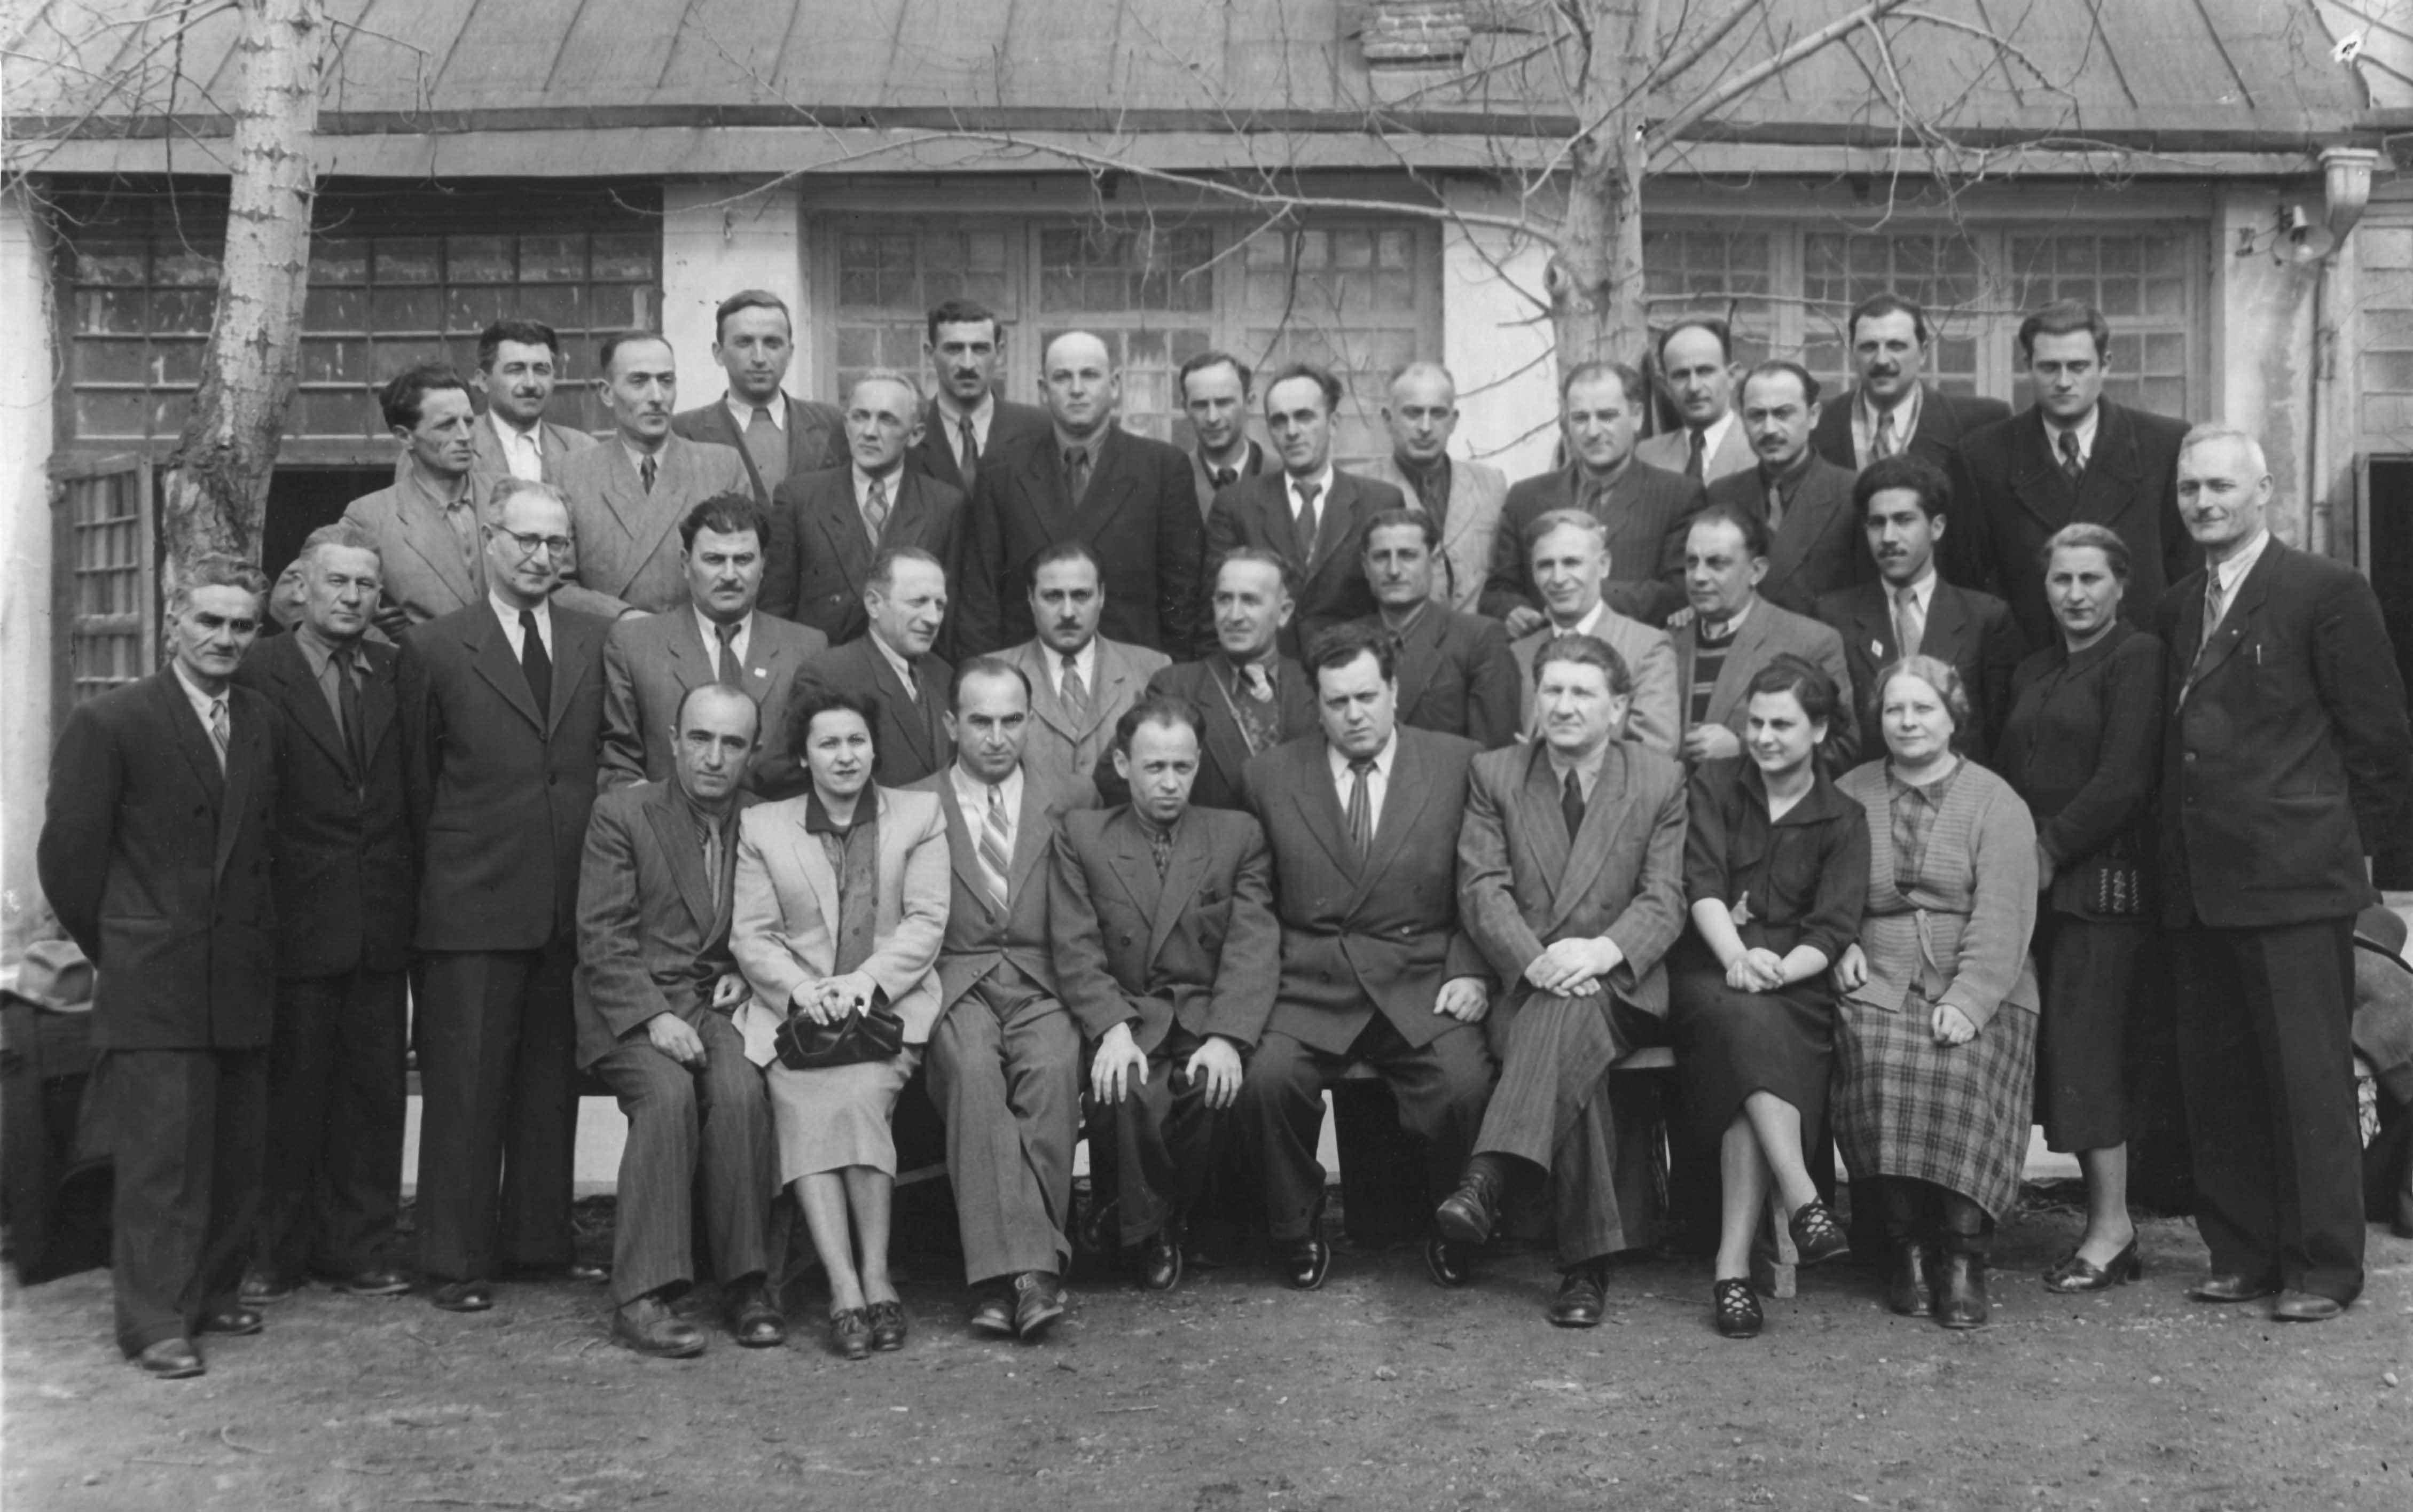 Экспонат #13. Совещание документалистов Закавказья. Тбилиси, весна 1954 года